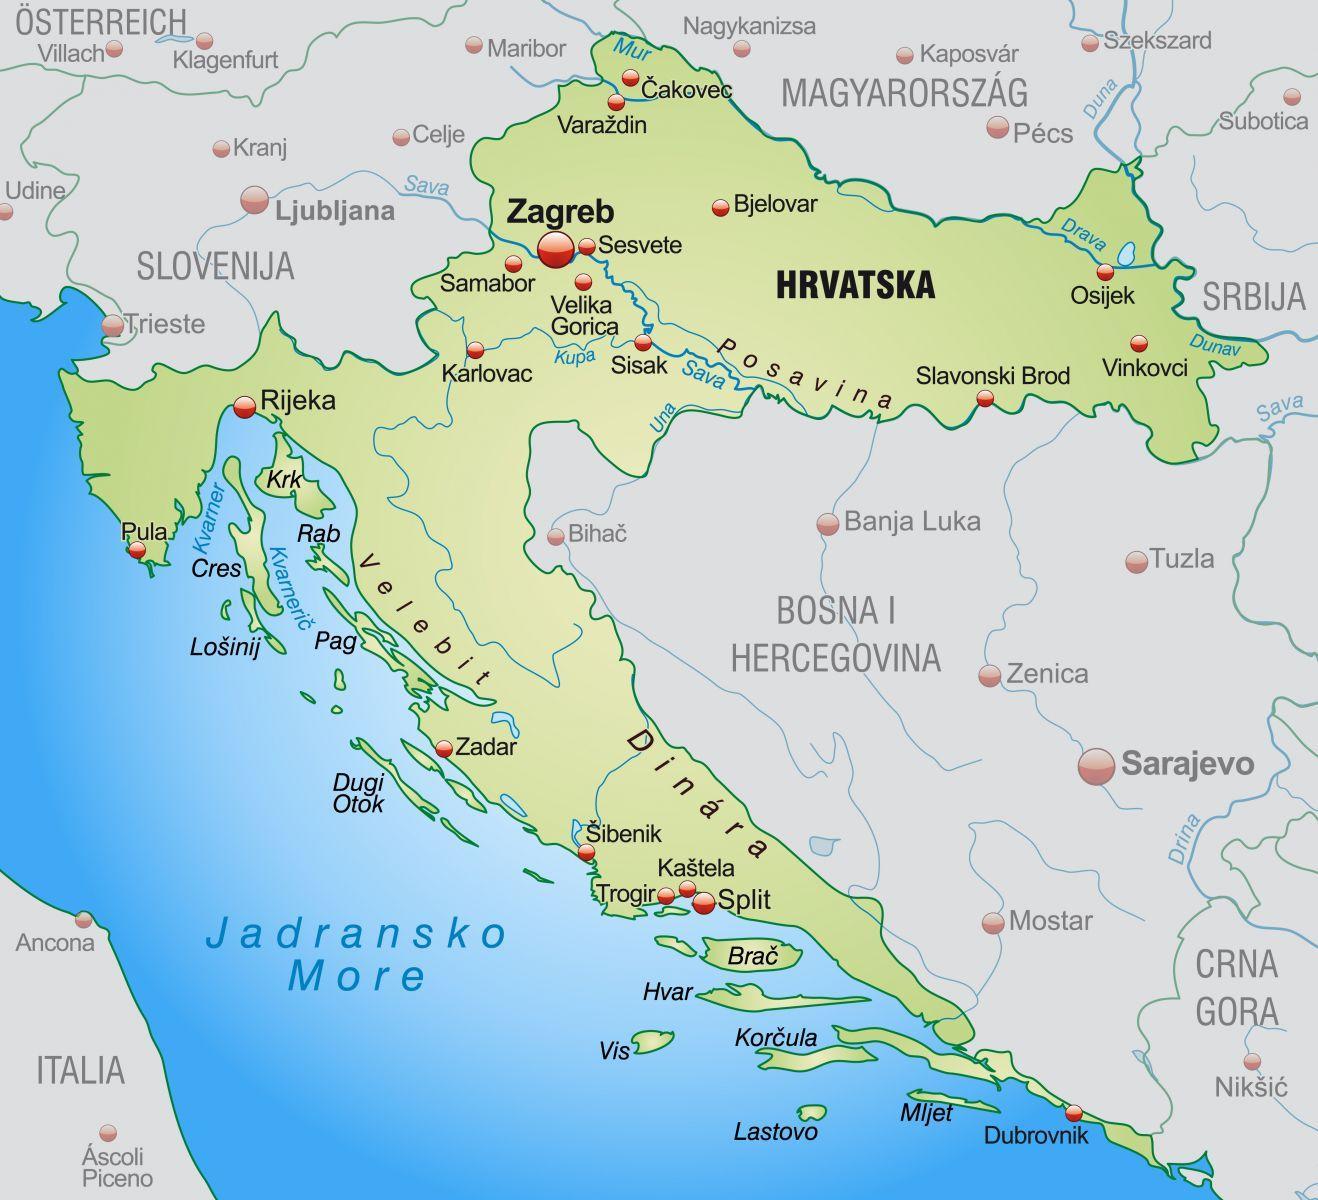 kroatia kart Nord kroatia kart   Nordlige kroatia kart (Sør Europa   Europa)